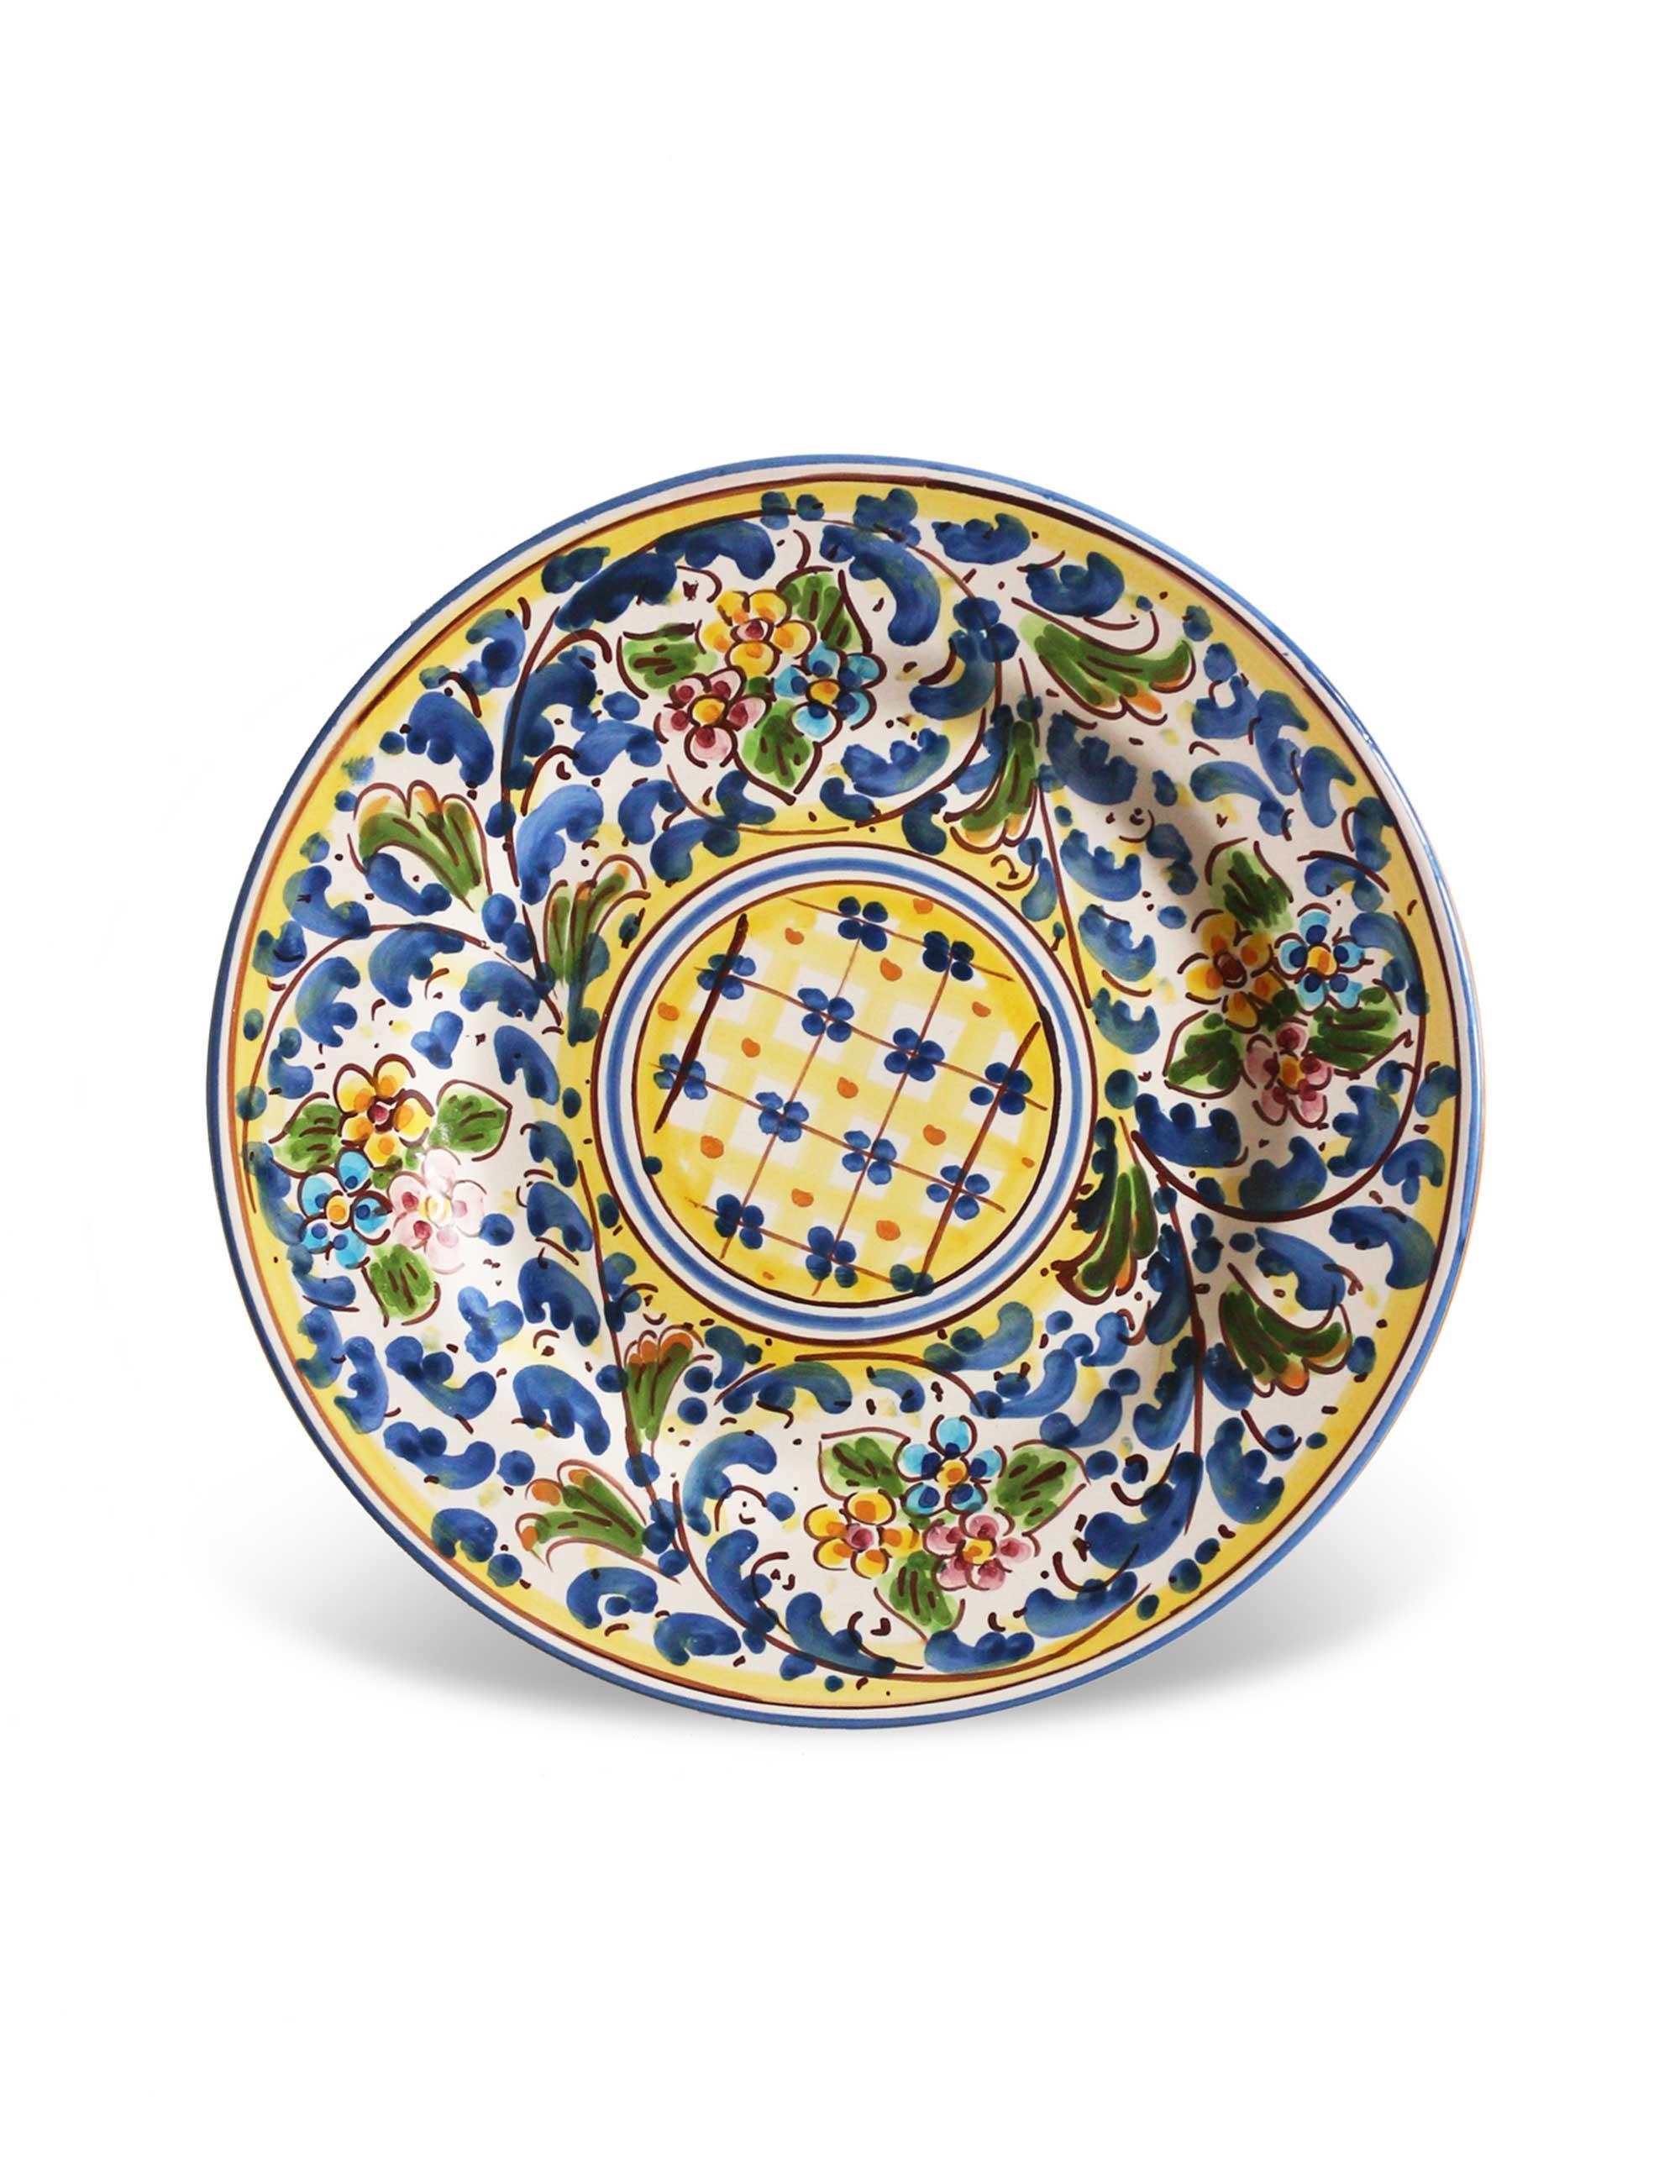 piatti siciliani artigianali dessert